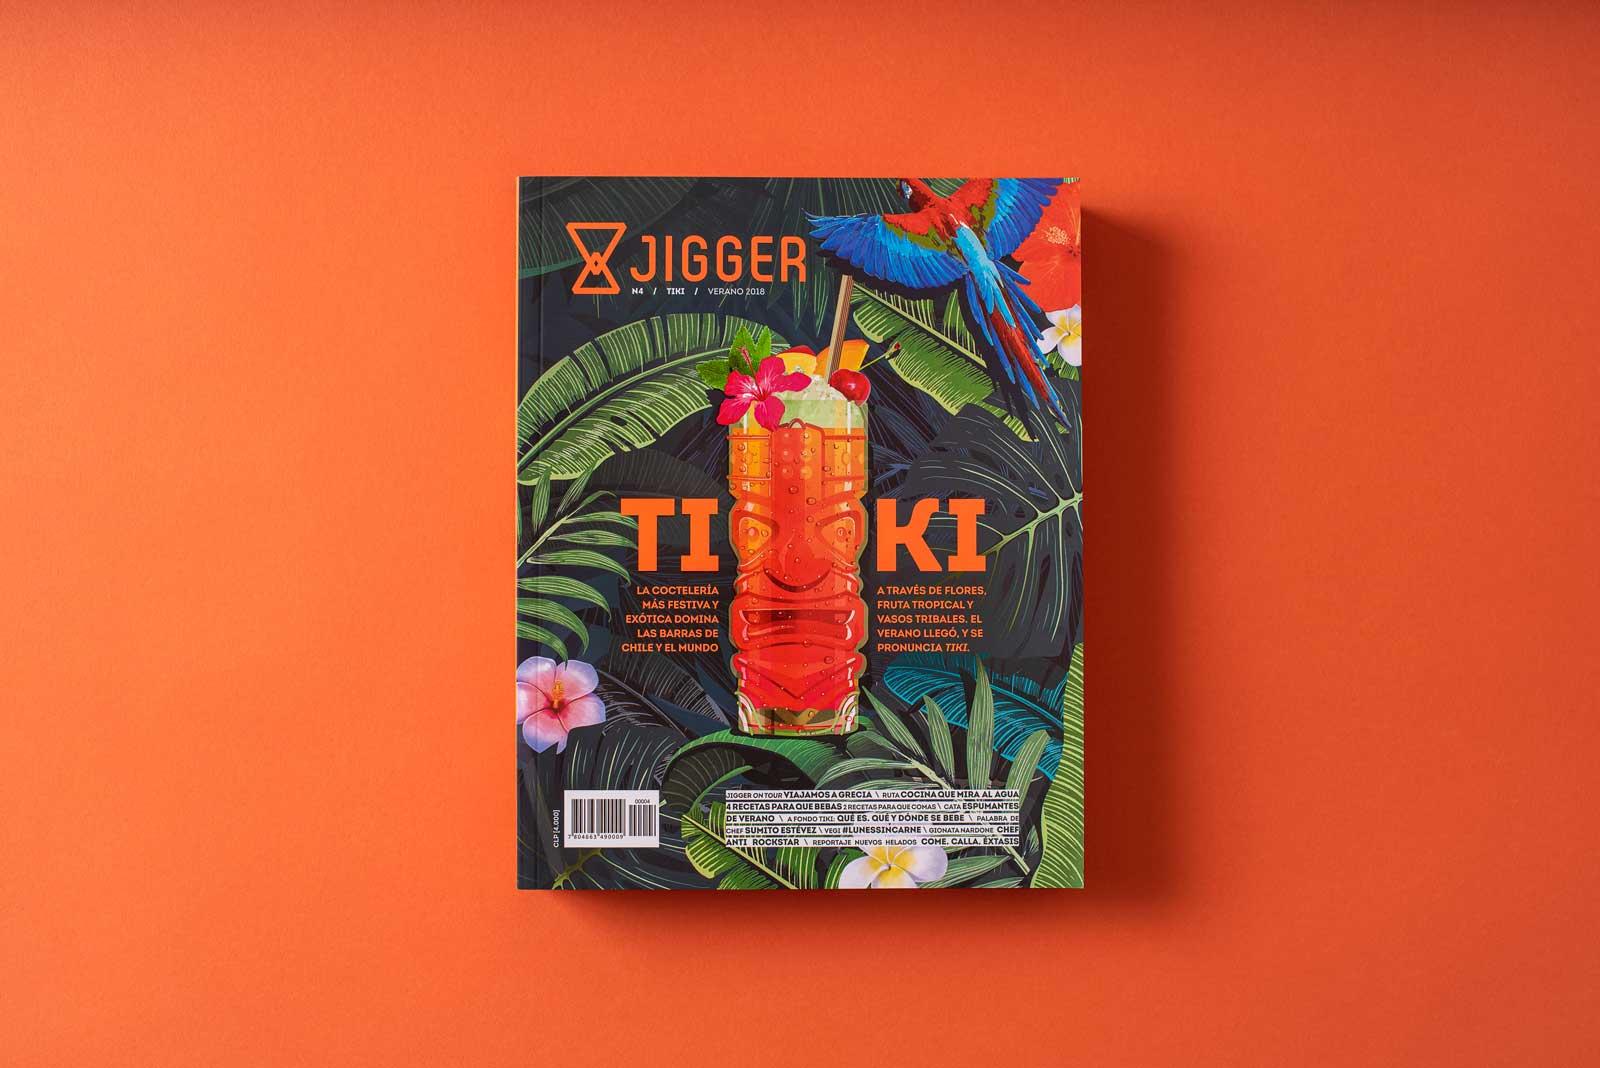 tiki-portada-jigger-estudio-como